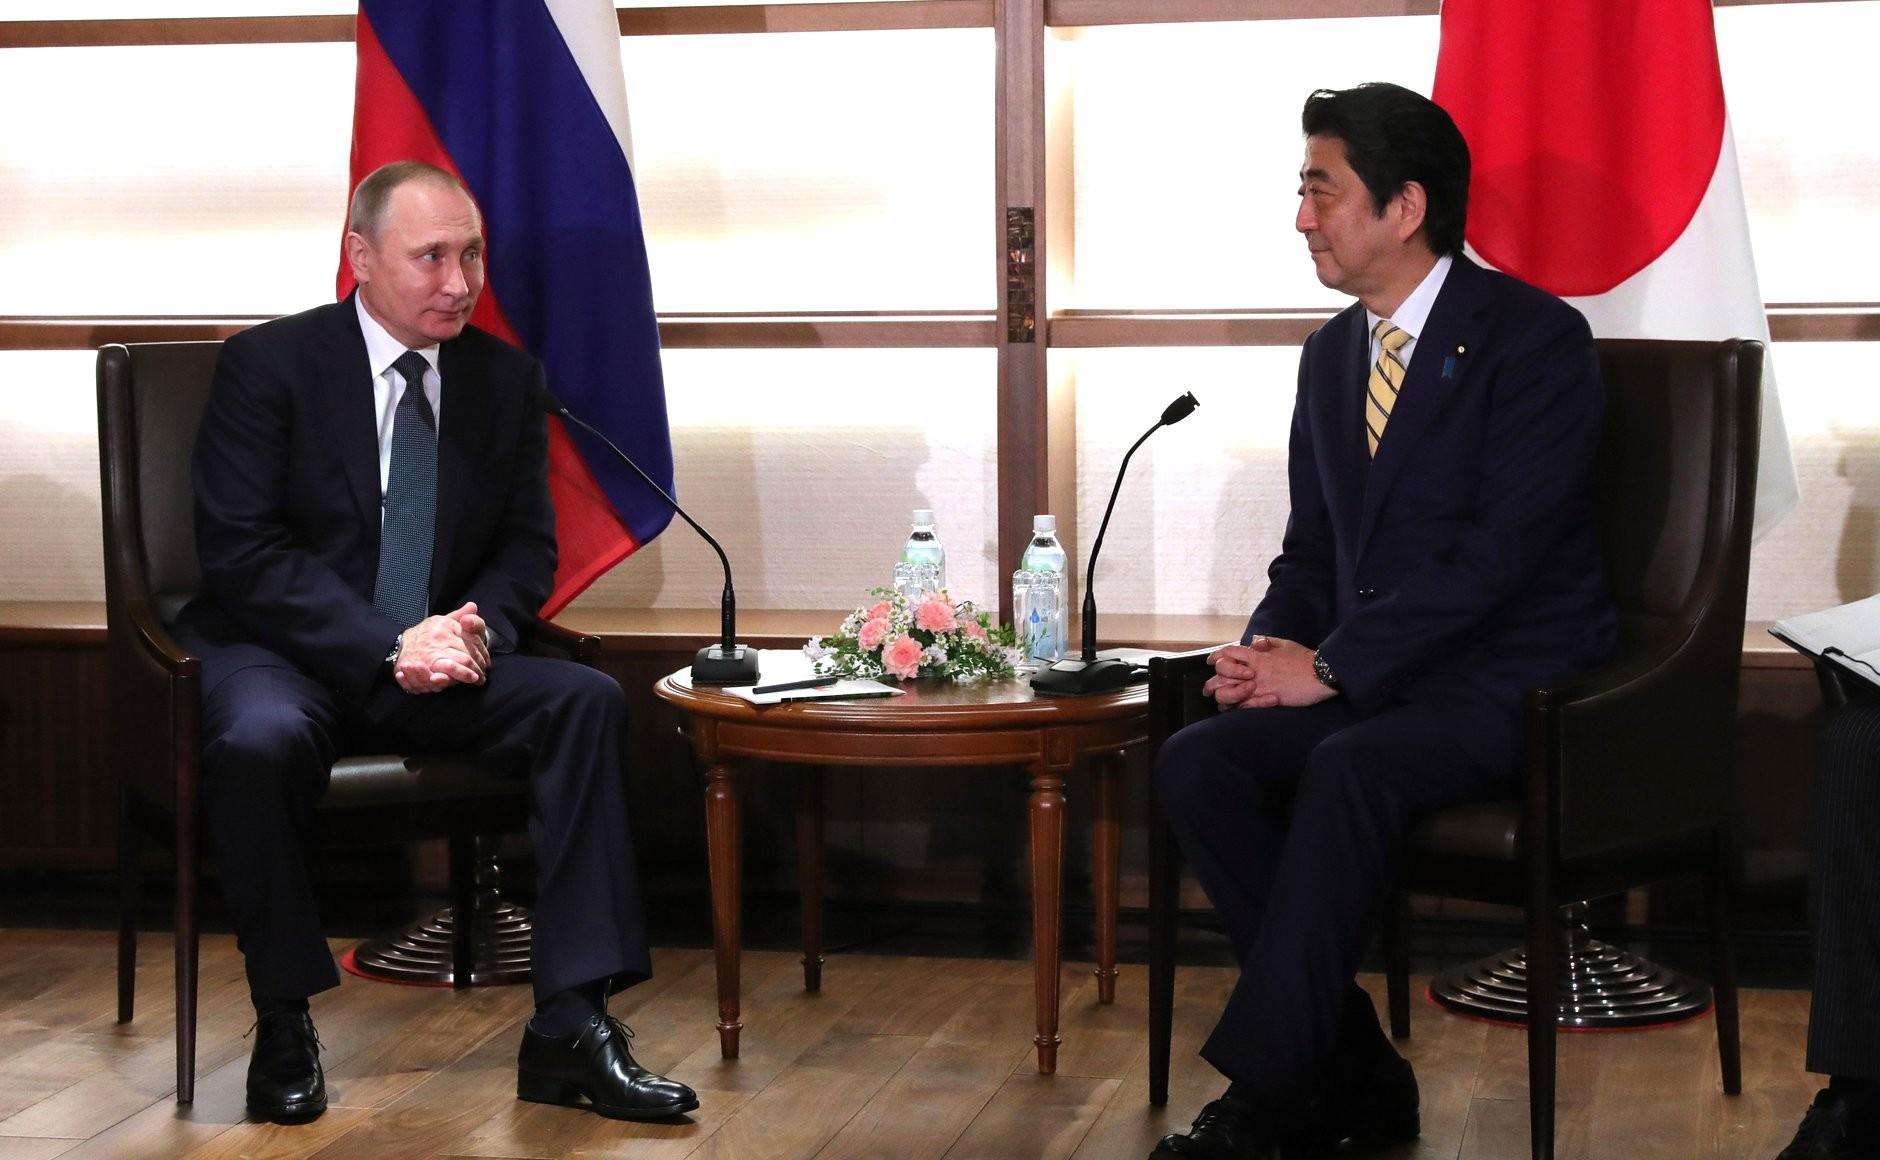 ВЯпонии подтвердили визит Синдзо Абэ в Российскую Федерацию